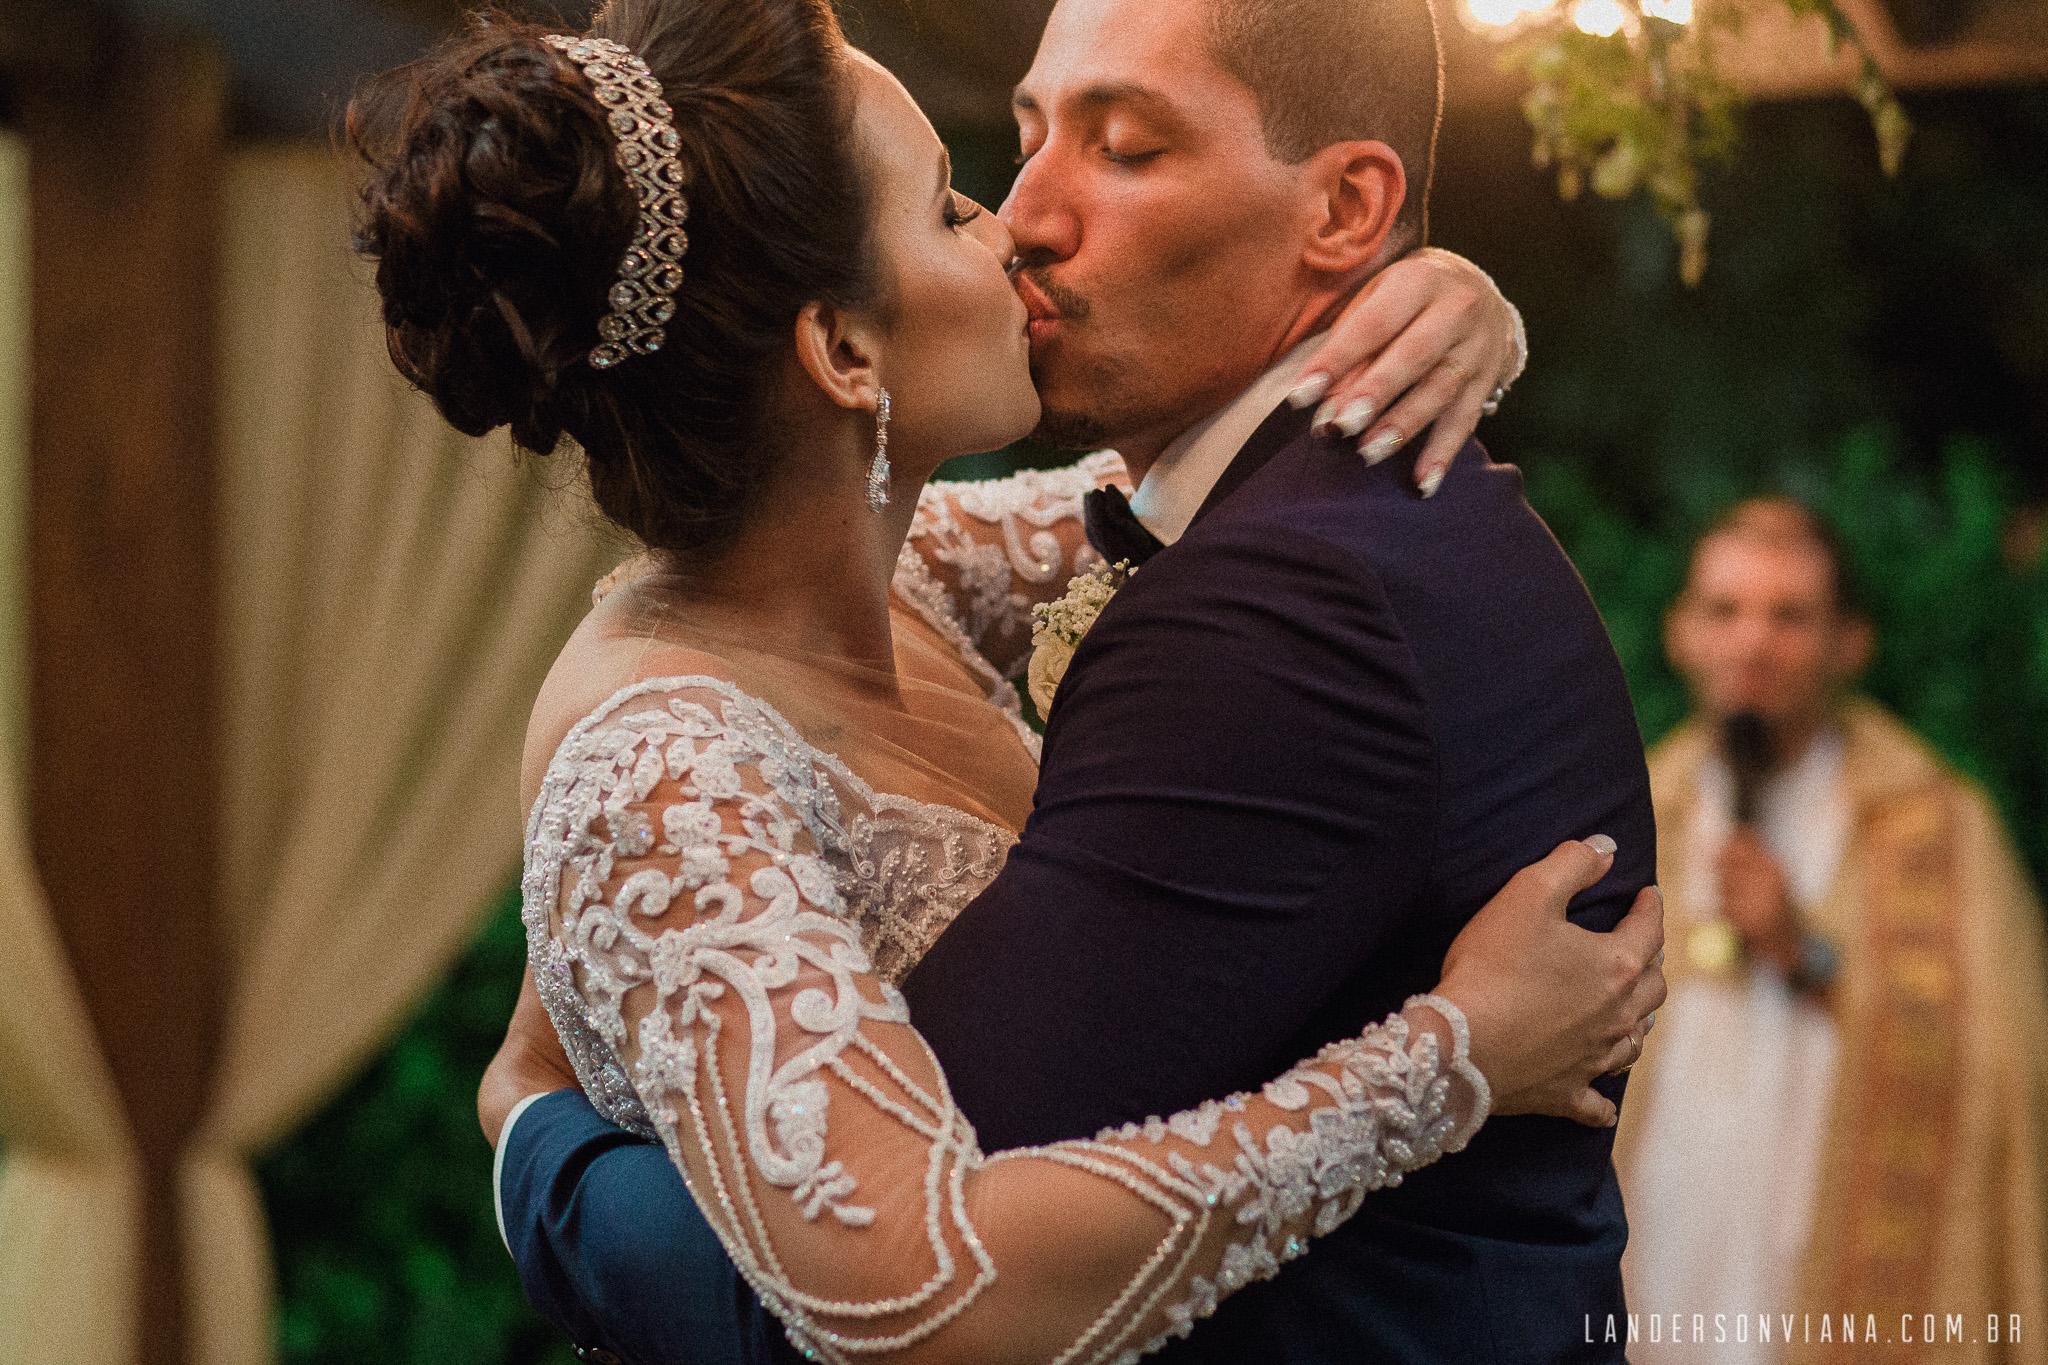 casamento_ar_livre_festa_jessica_raphael-24.jpg